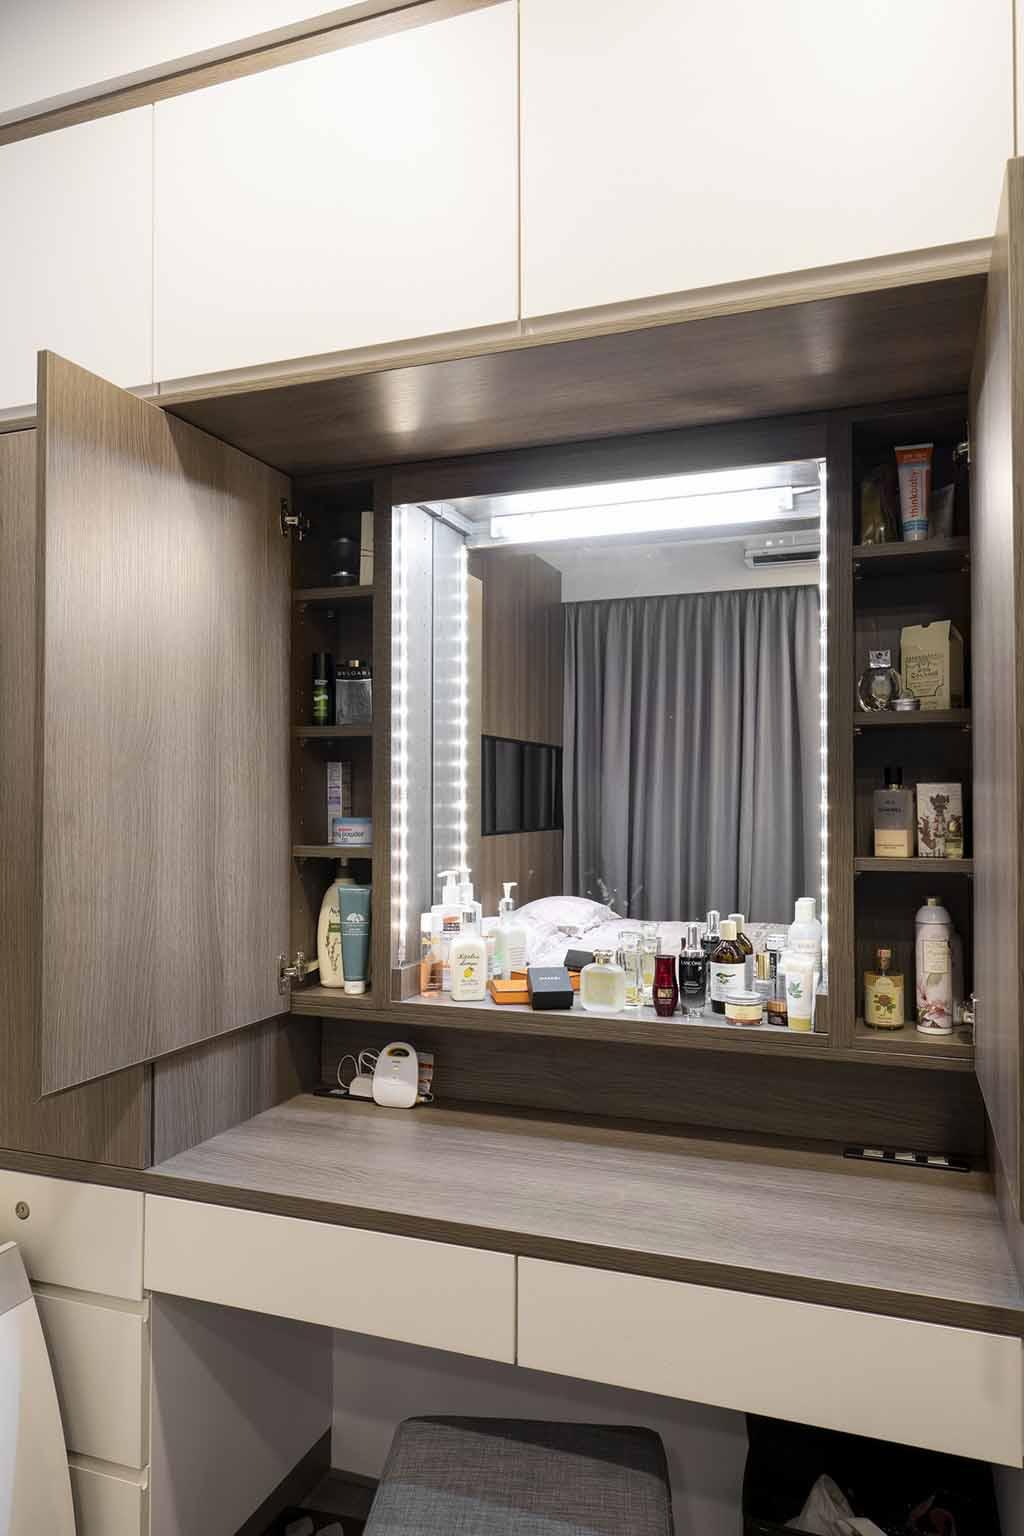 用門板將鏡子跟收納櫃藏起來;